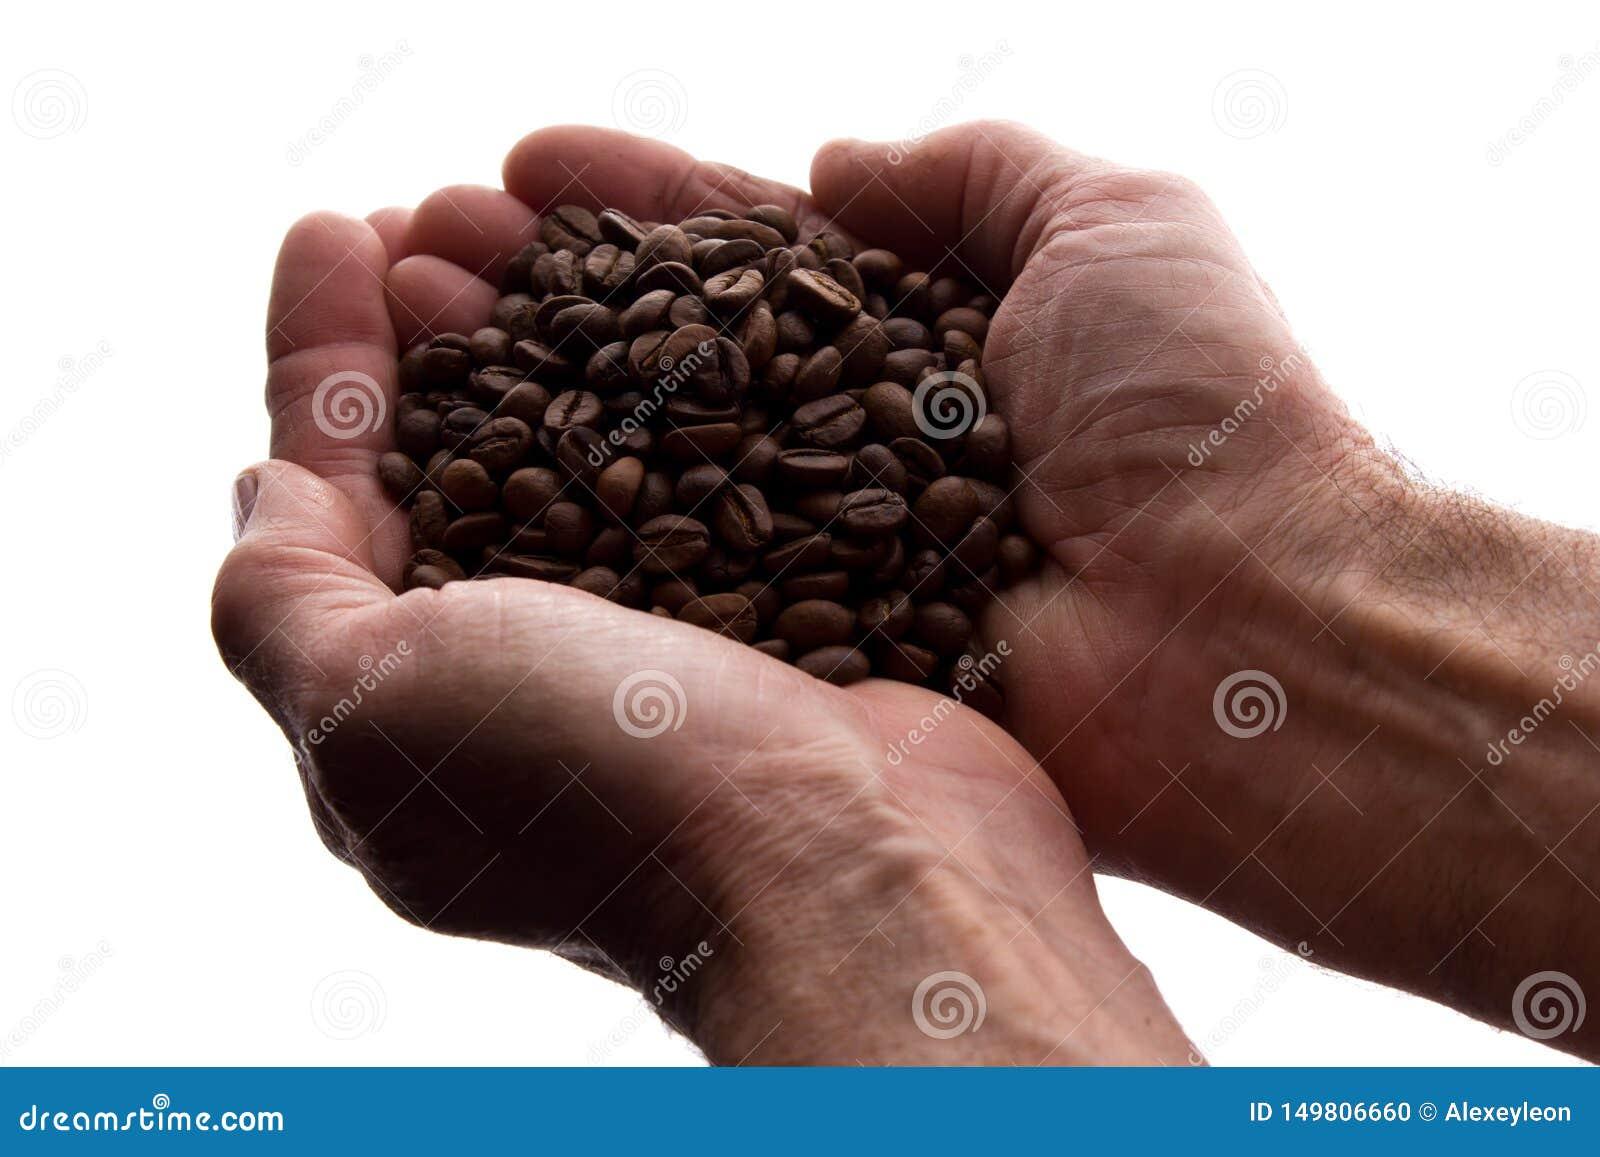 Рука человека пригорошня кофейных зерен - силуэт